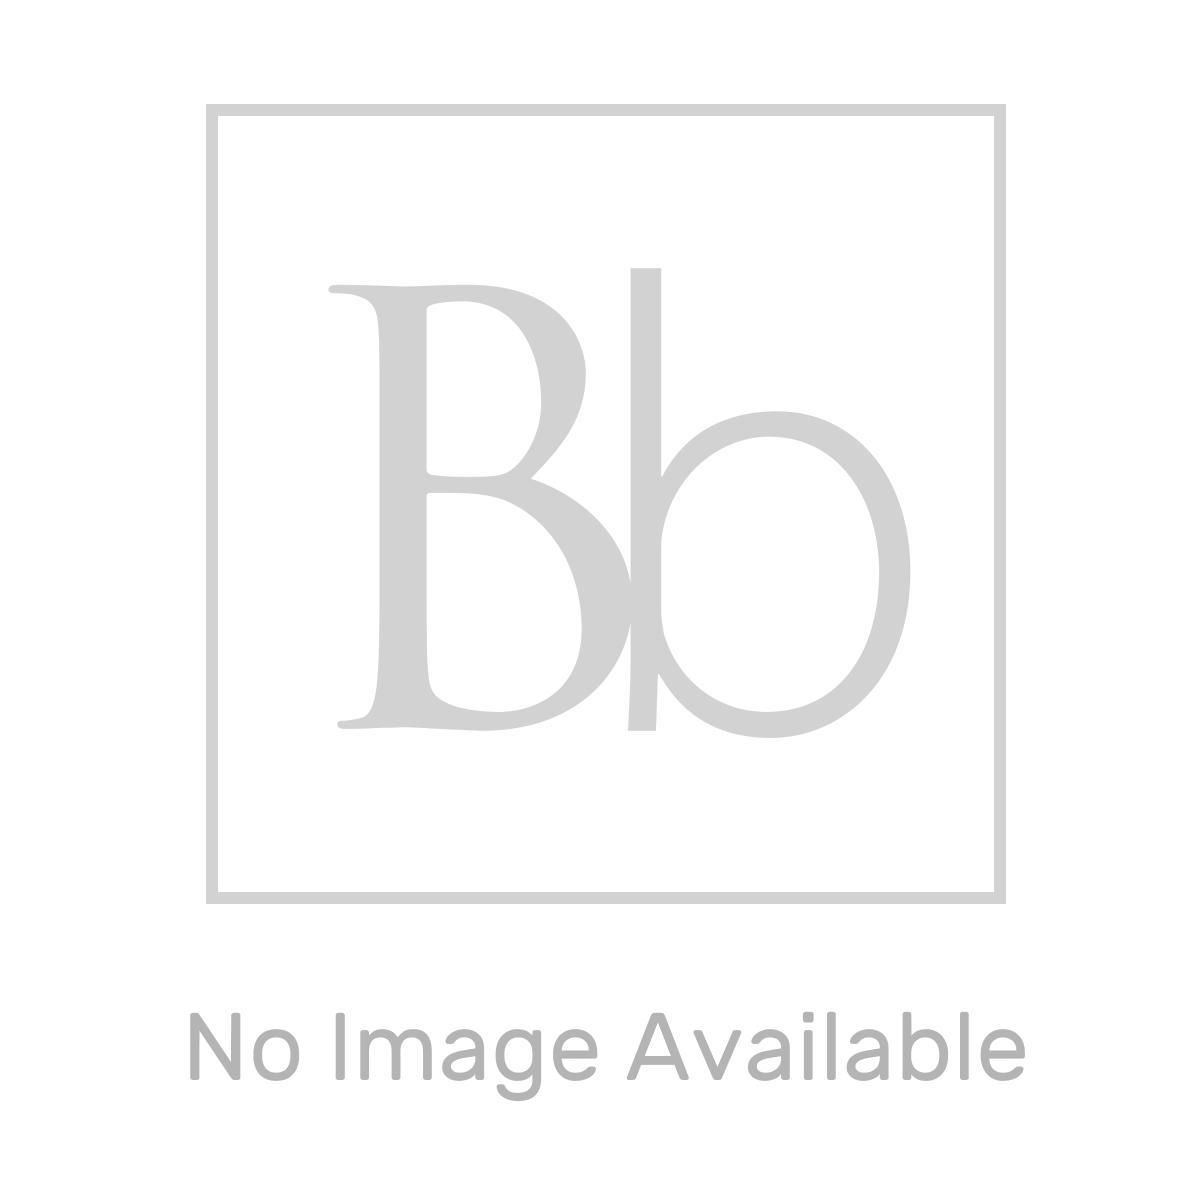 RAK Metropolitan Wall Hung Hidden Fixation WC Pan with Soft Close Seat